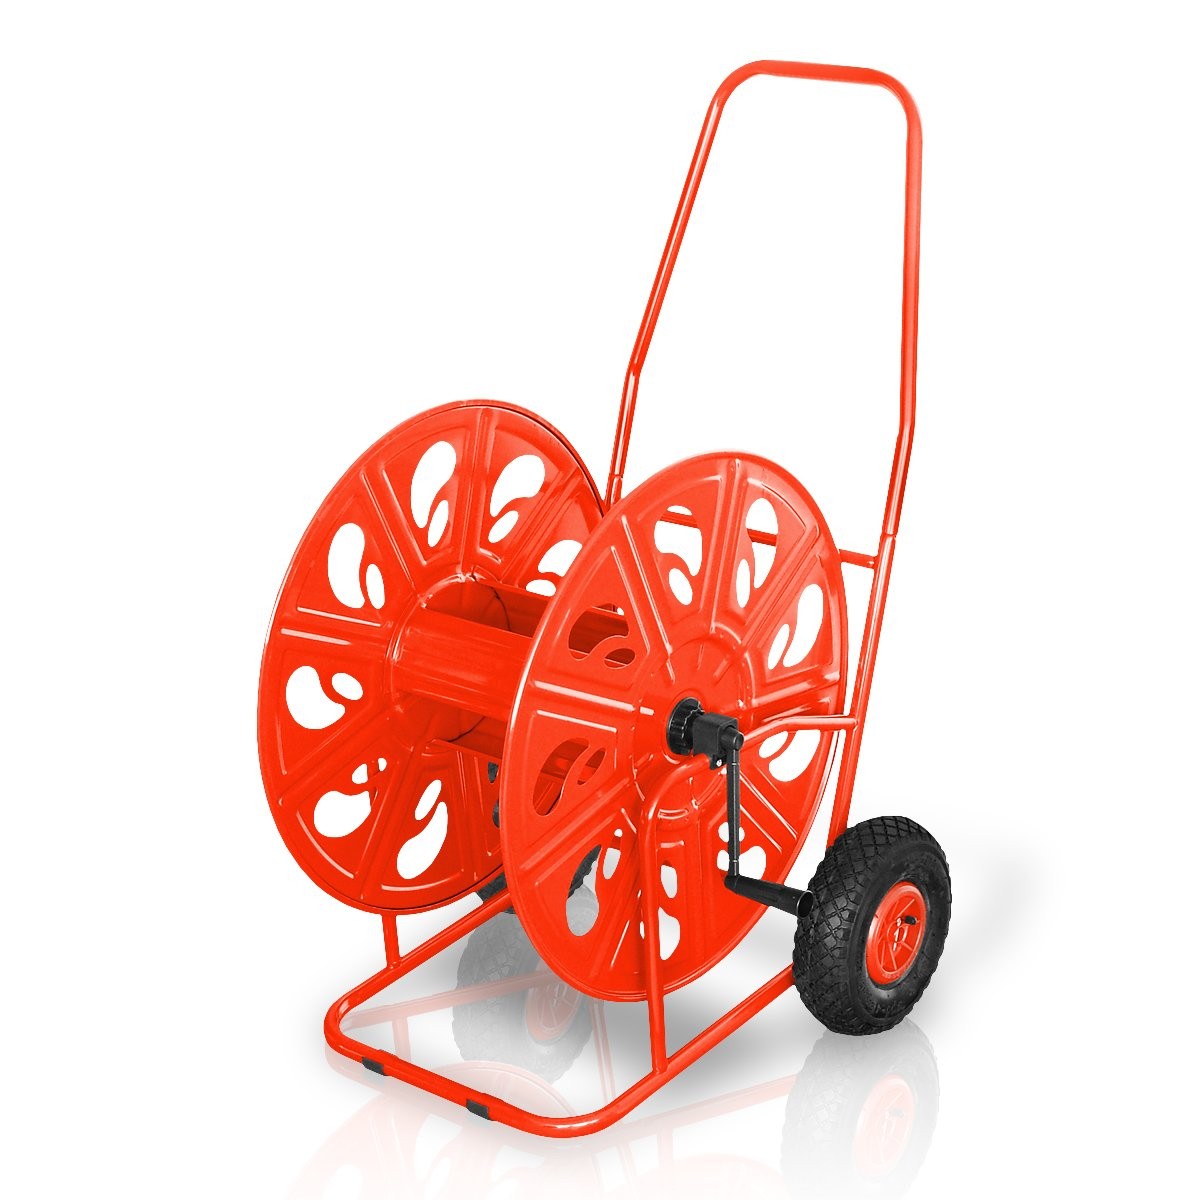 Profi Schlauchwagen für max. 100m 1 oder 140m 3/4 mit Luftbereifung, Schlauchtrommel  BaumarktRezension